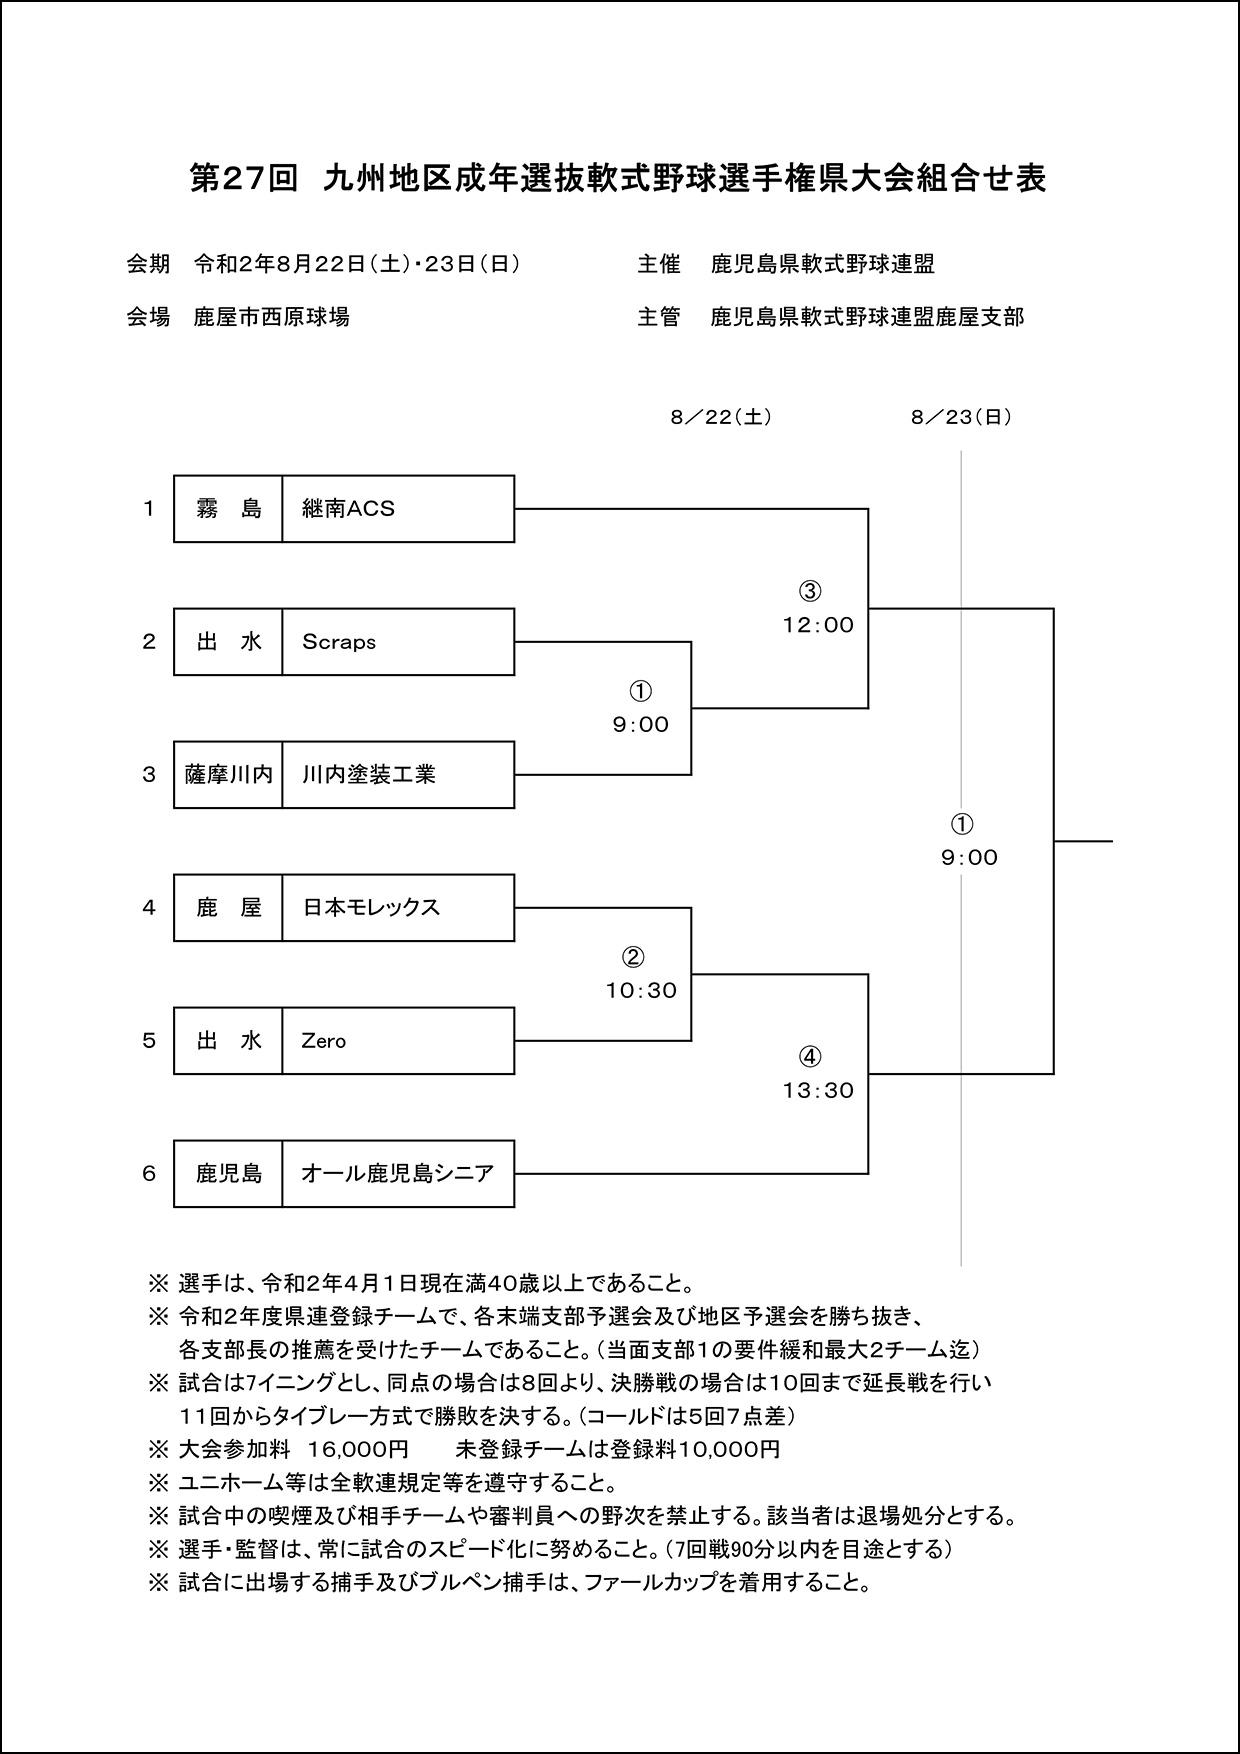 【組合せ】第27回九州地区成年県大会